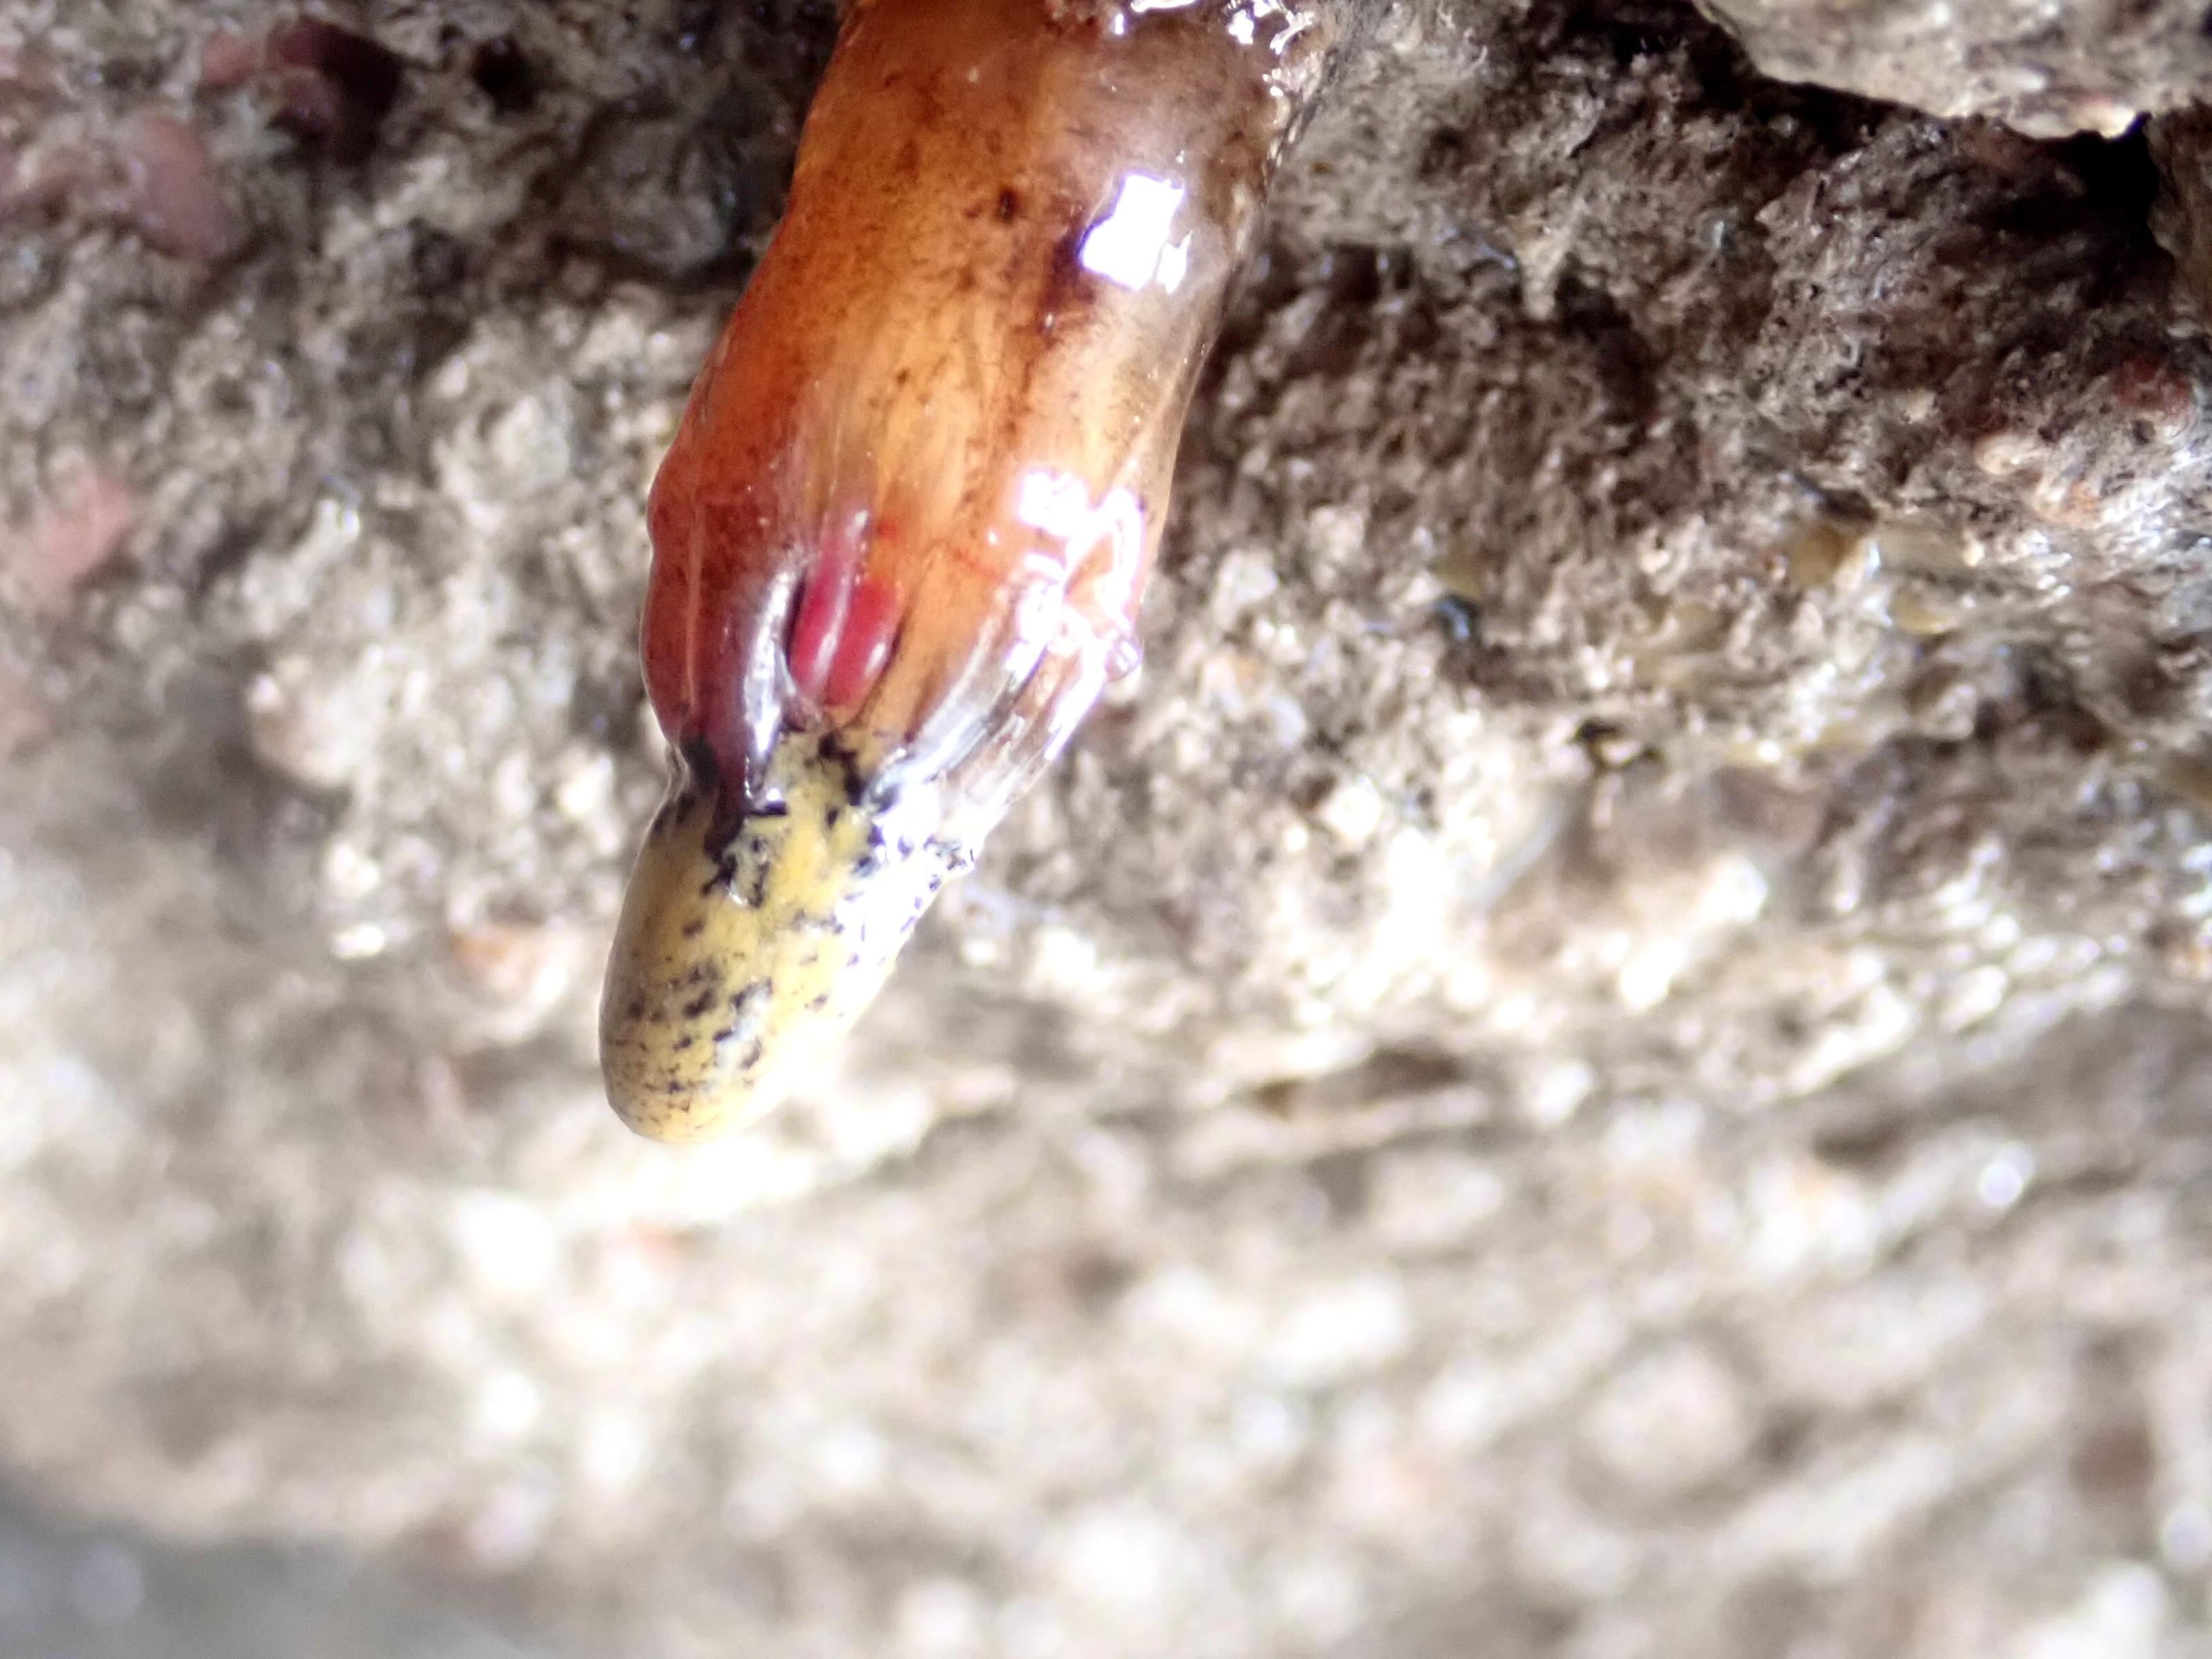 The tip of a brown sea cucumber, Aslia lefevrei